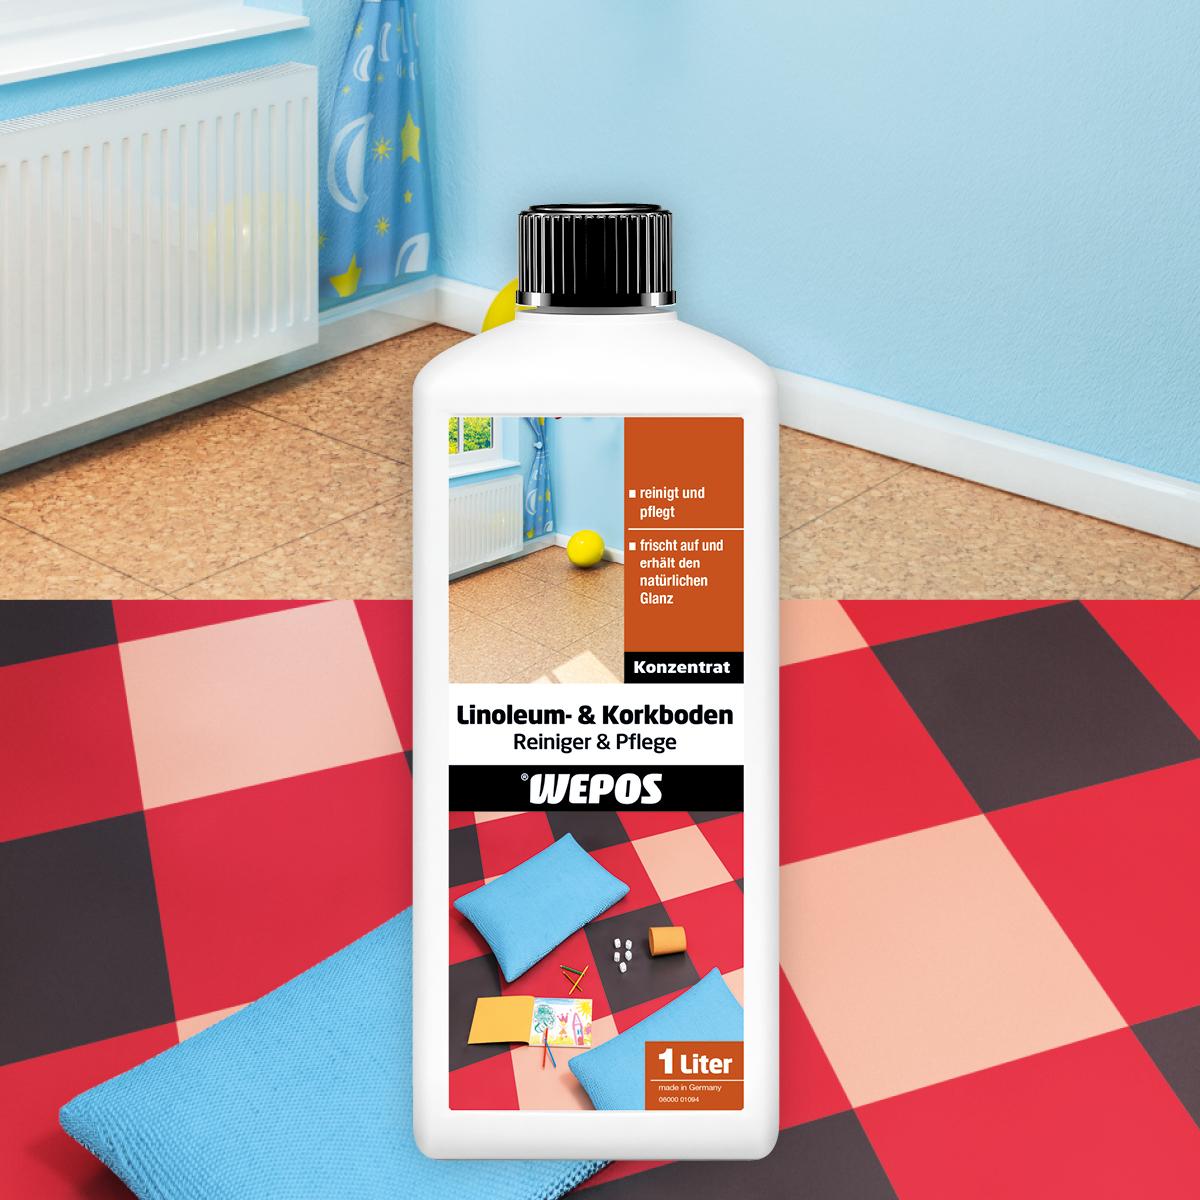 Linoleum- & Korkboden Reiniger & Pflege